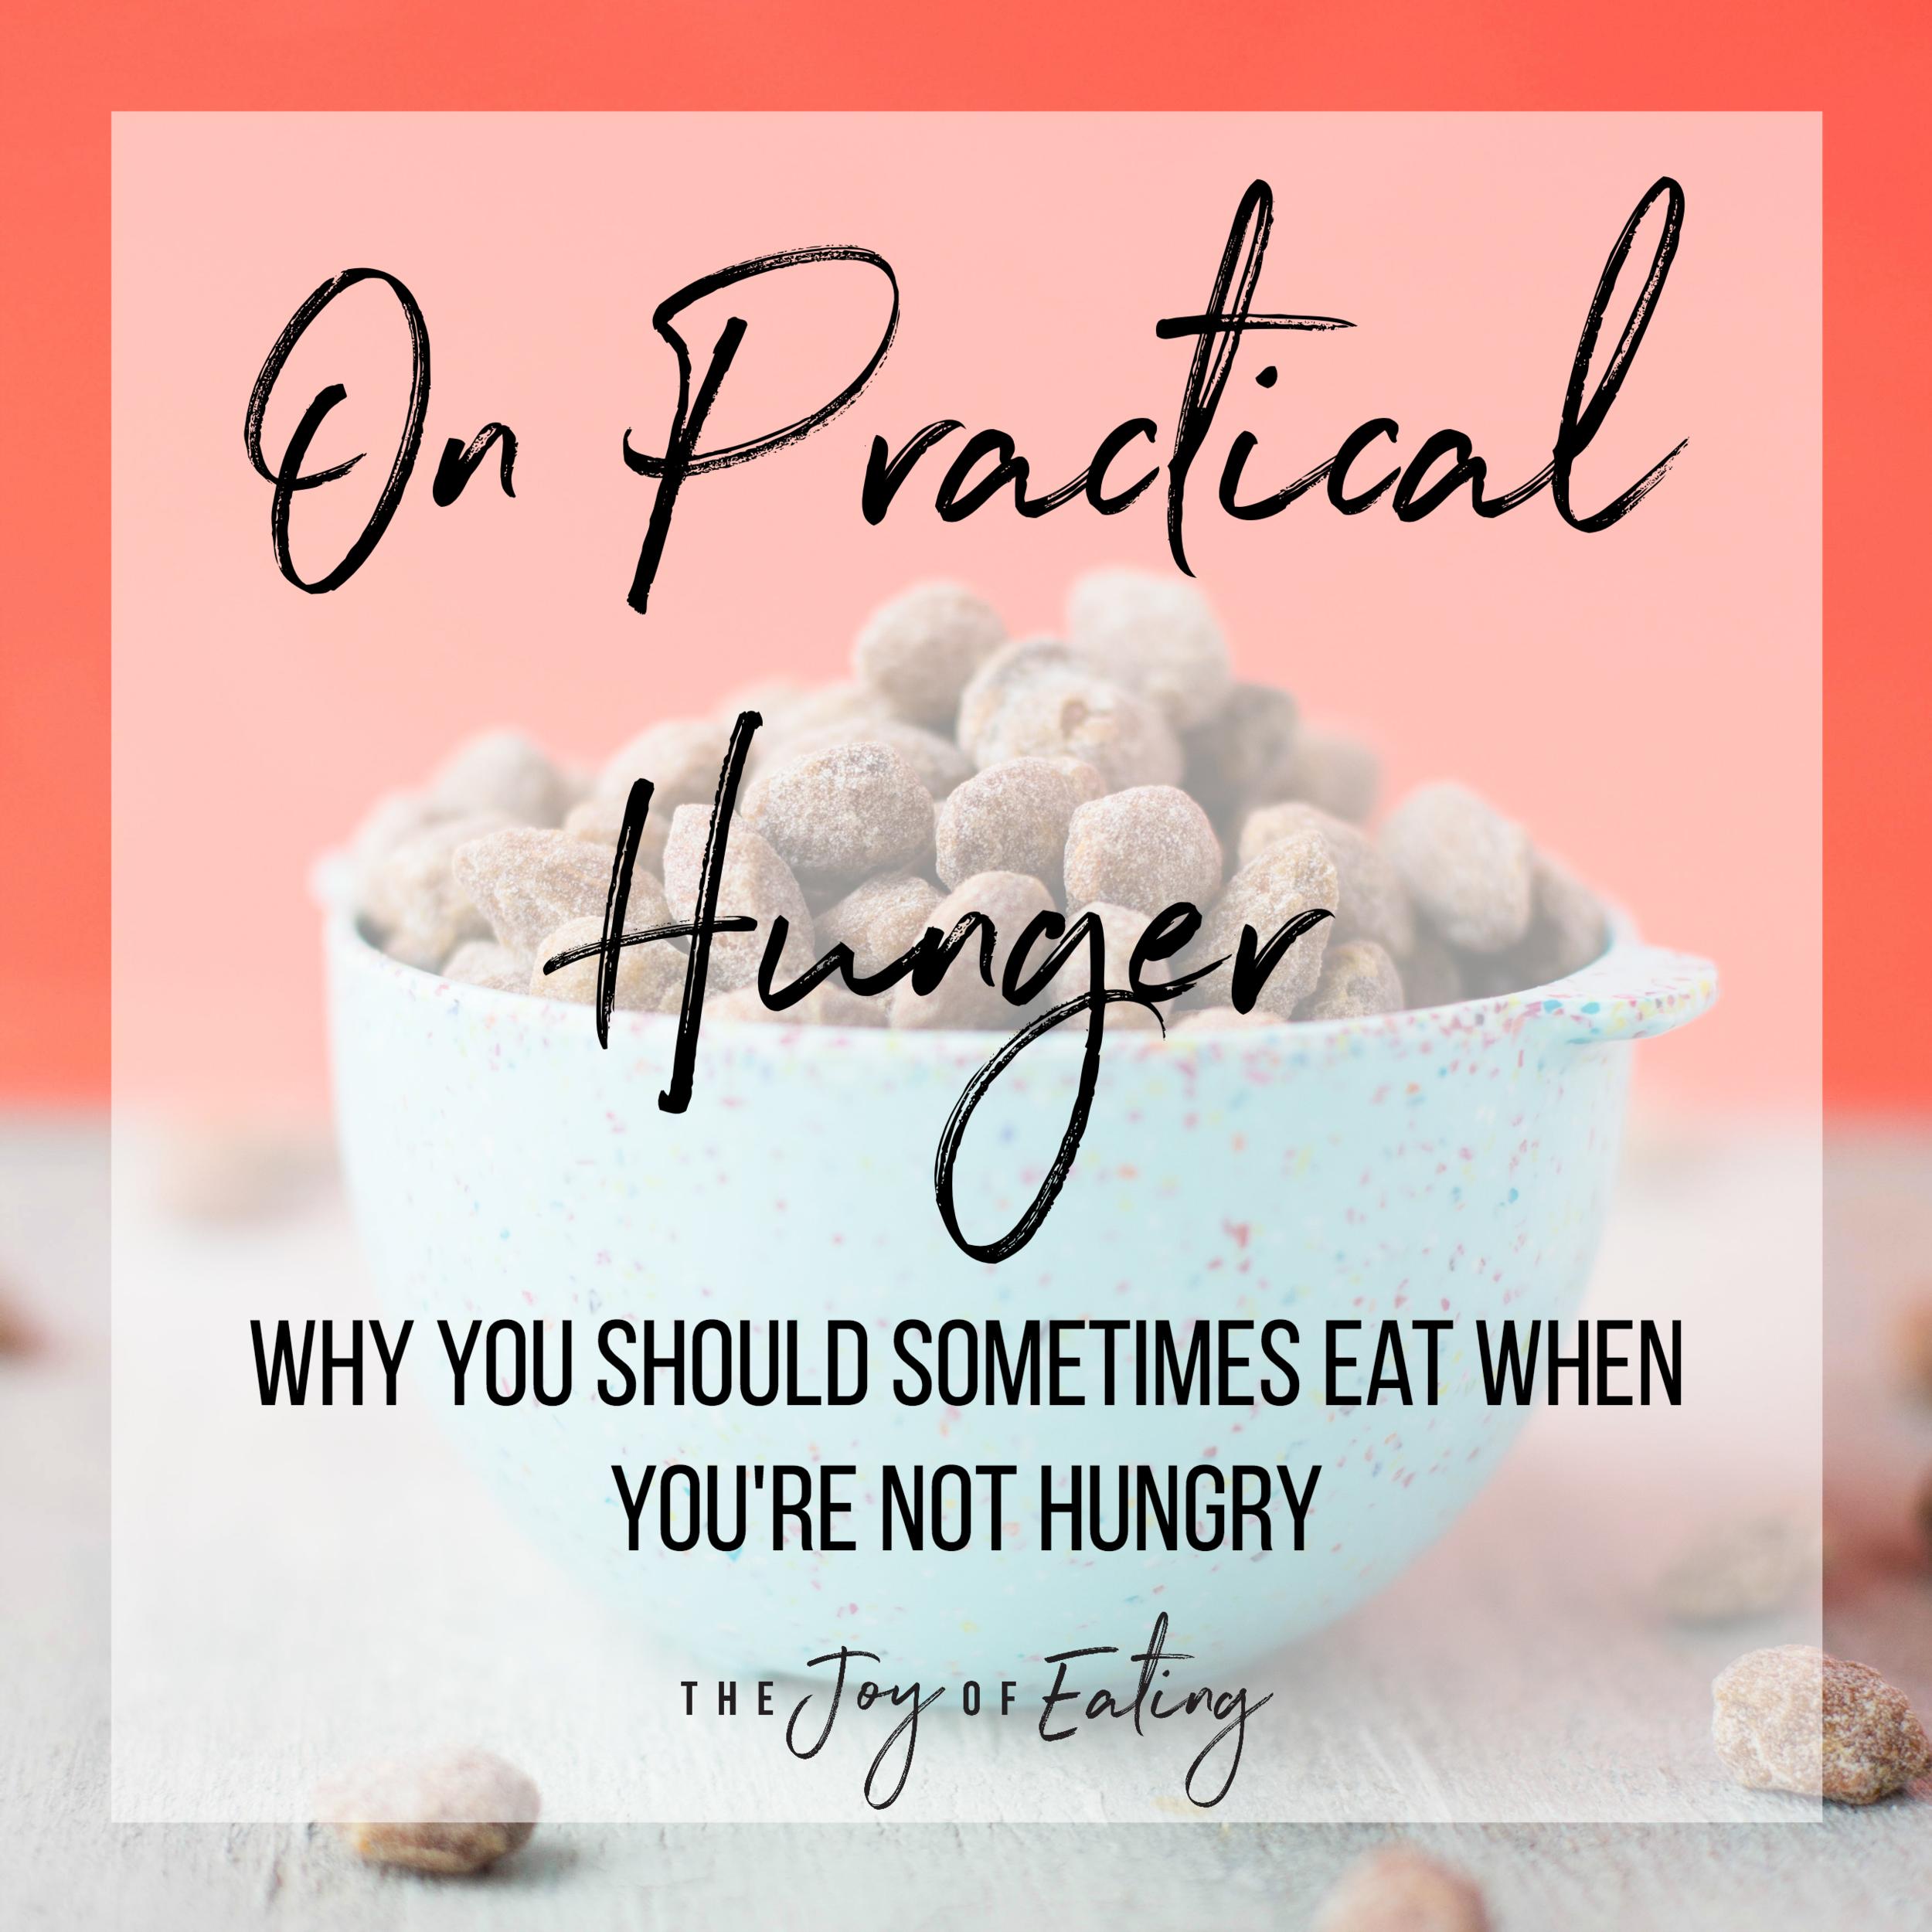 饮食有时会变成饥饿饮食的饮食。知道你为什么不饿的时候,当你饿了当自己的食物。#############